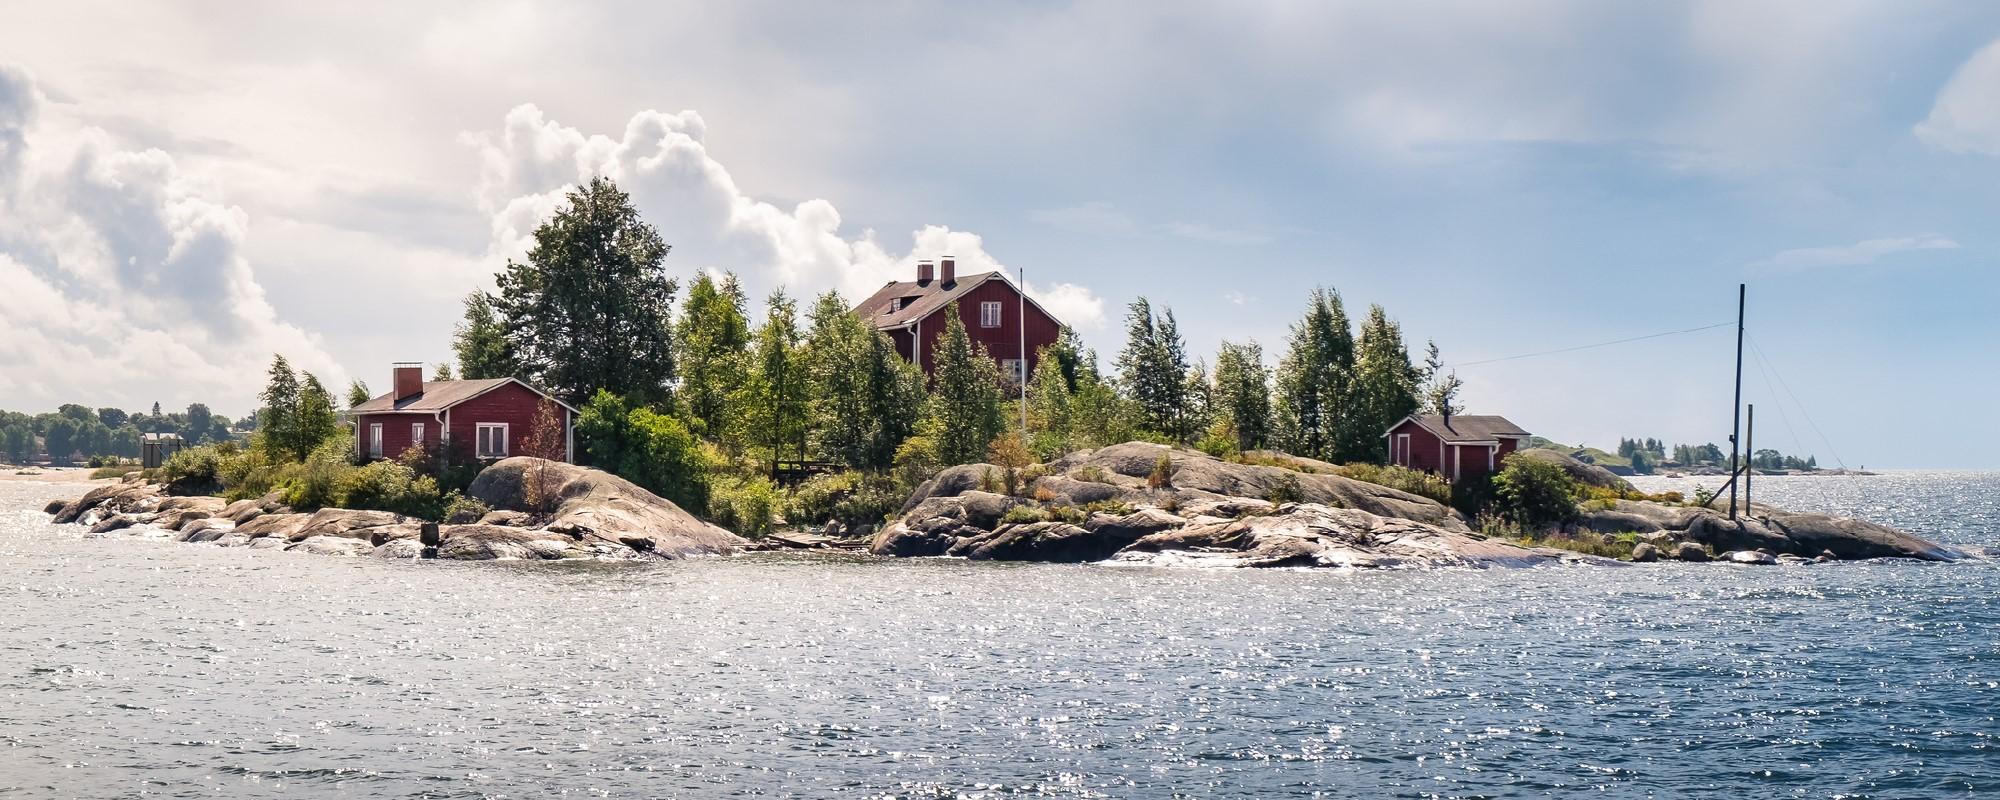 Saari järvellä